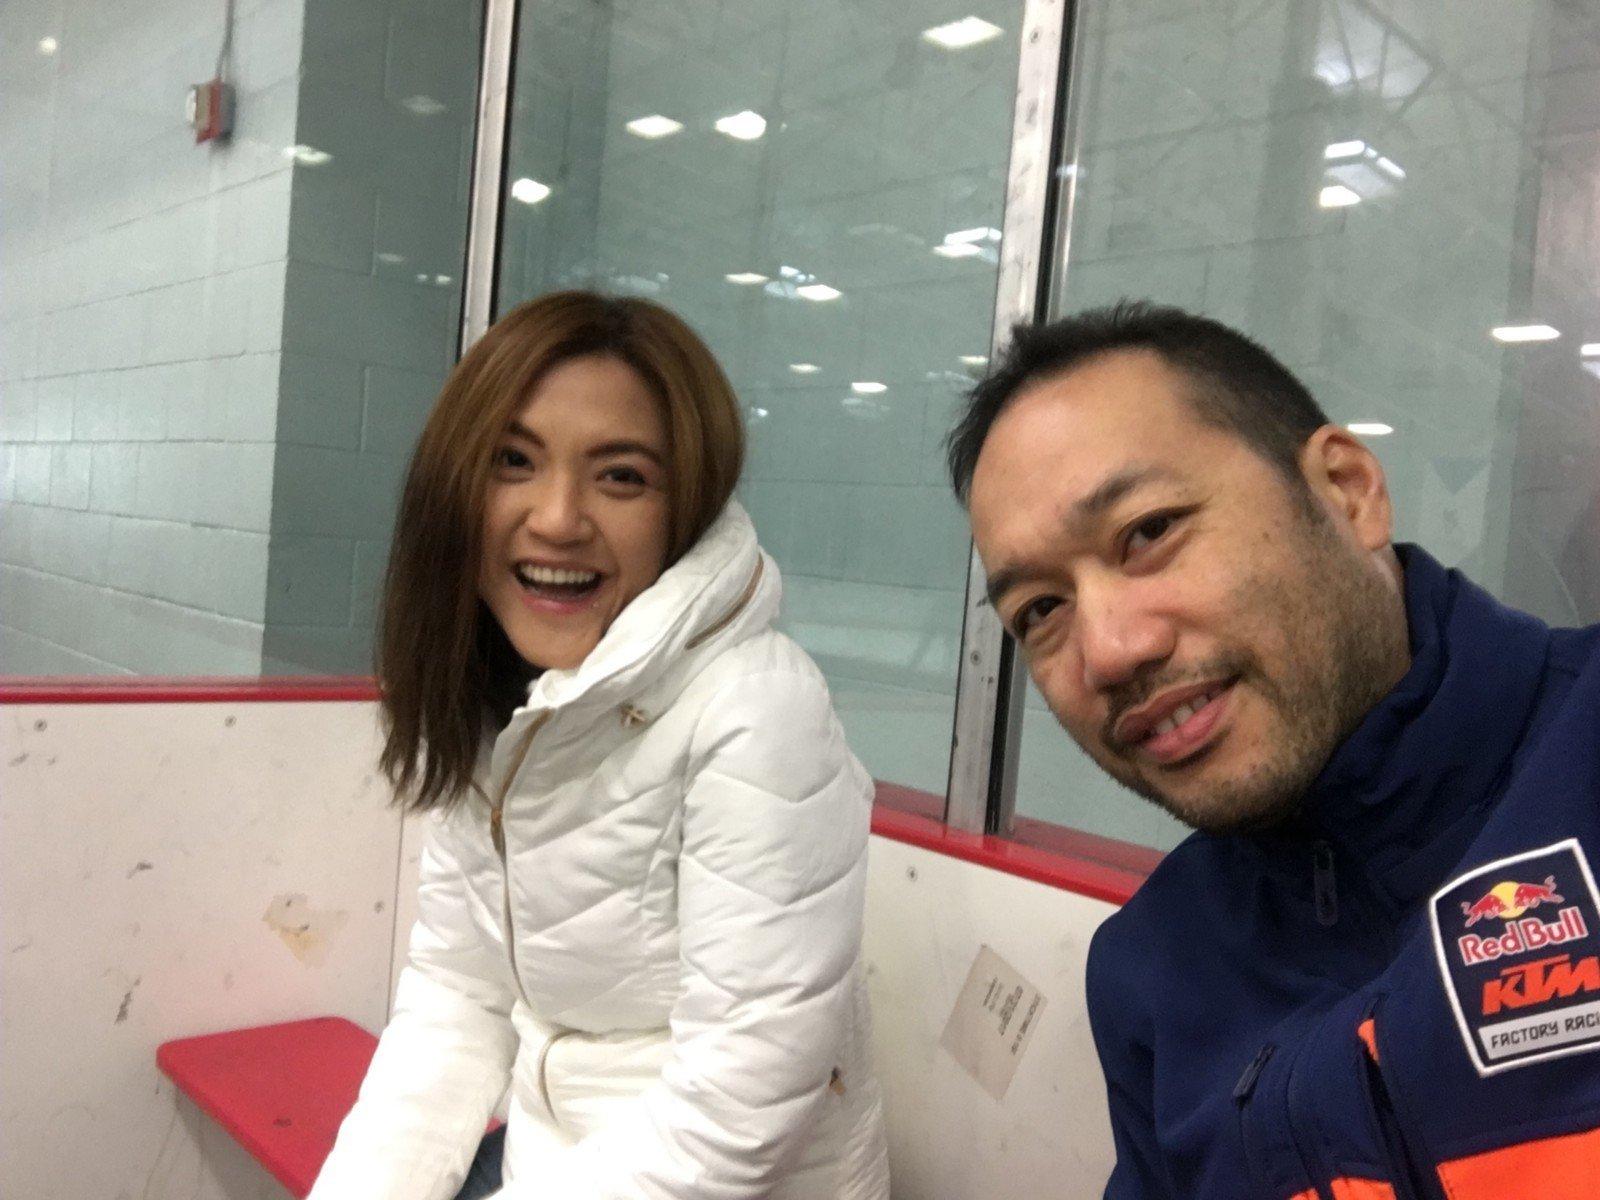 Woman and man at ice skating rink